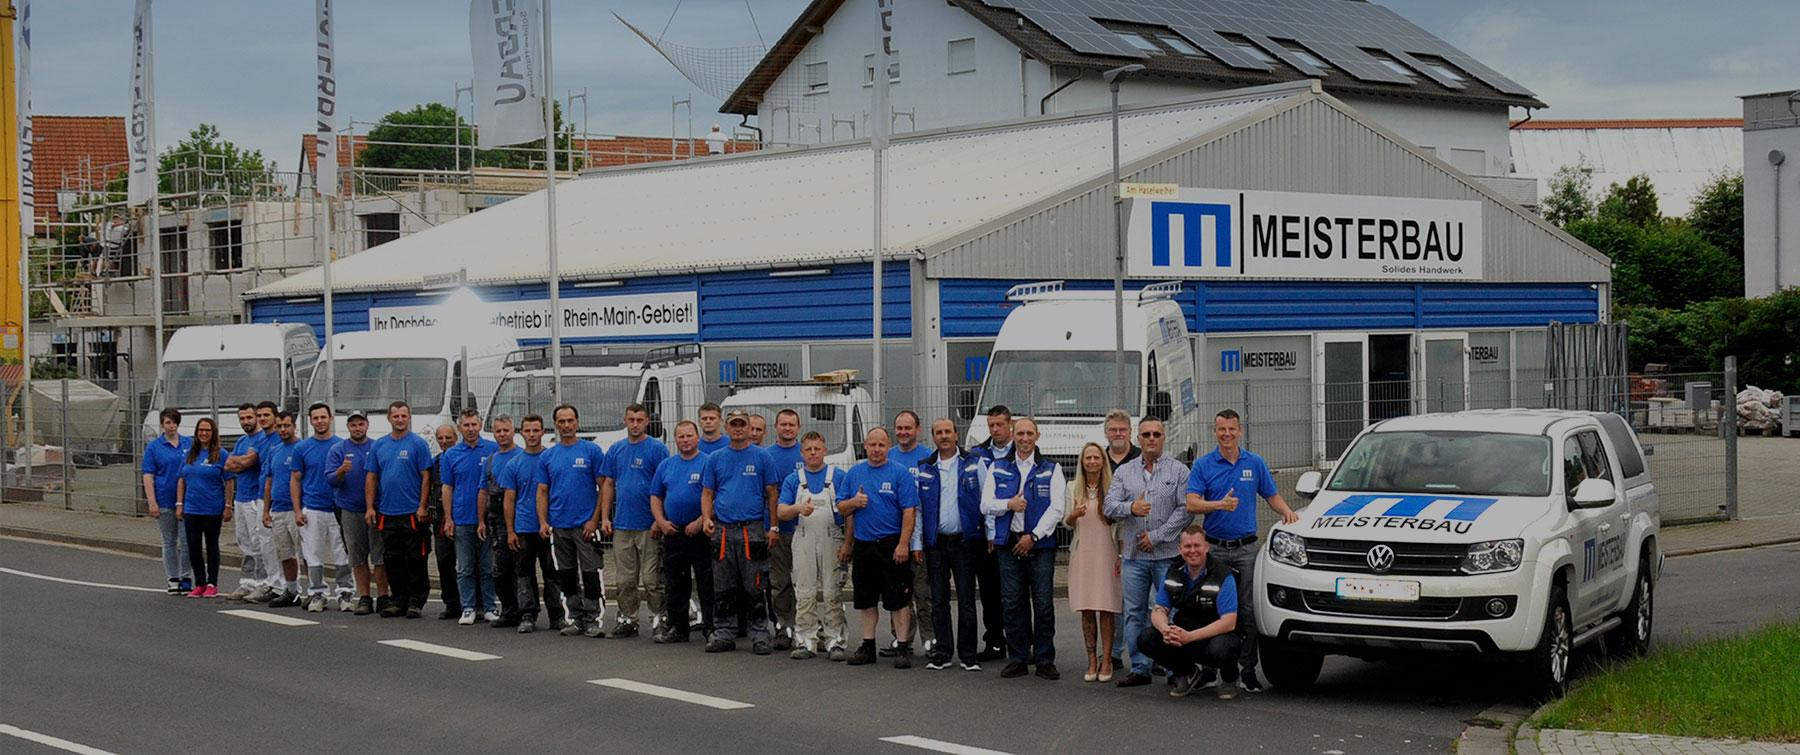 Meisterbau Handwerk Fachbetrieb in Rhein-Main Team Langenselbold